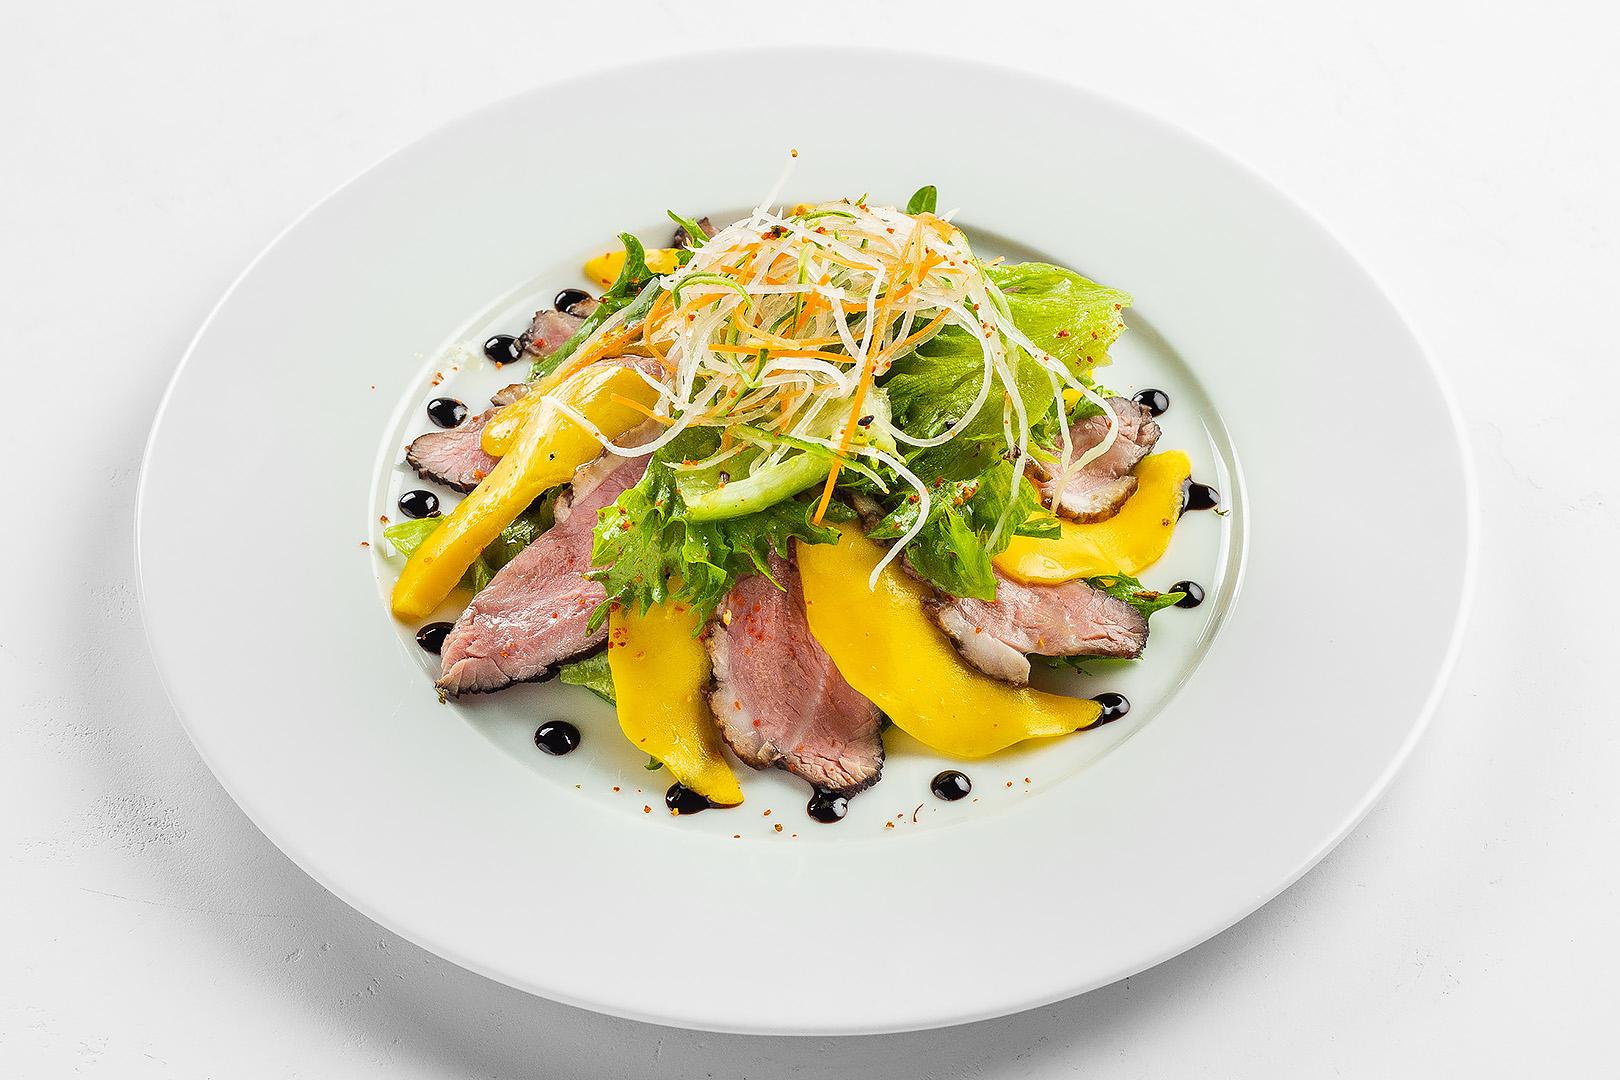 Салат с утиной грудкой,  манго и медово-имбирным соусом